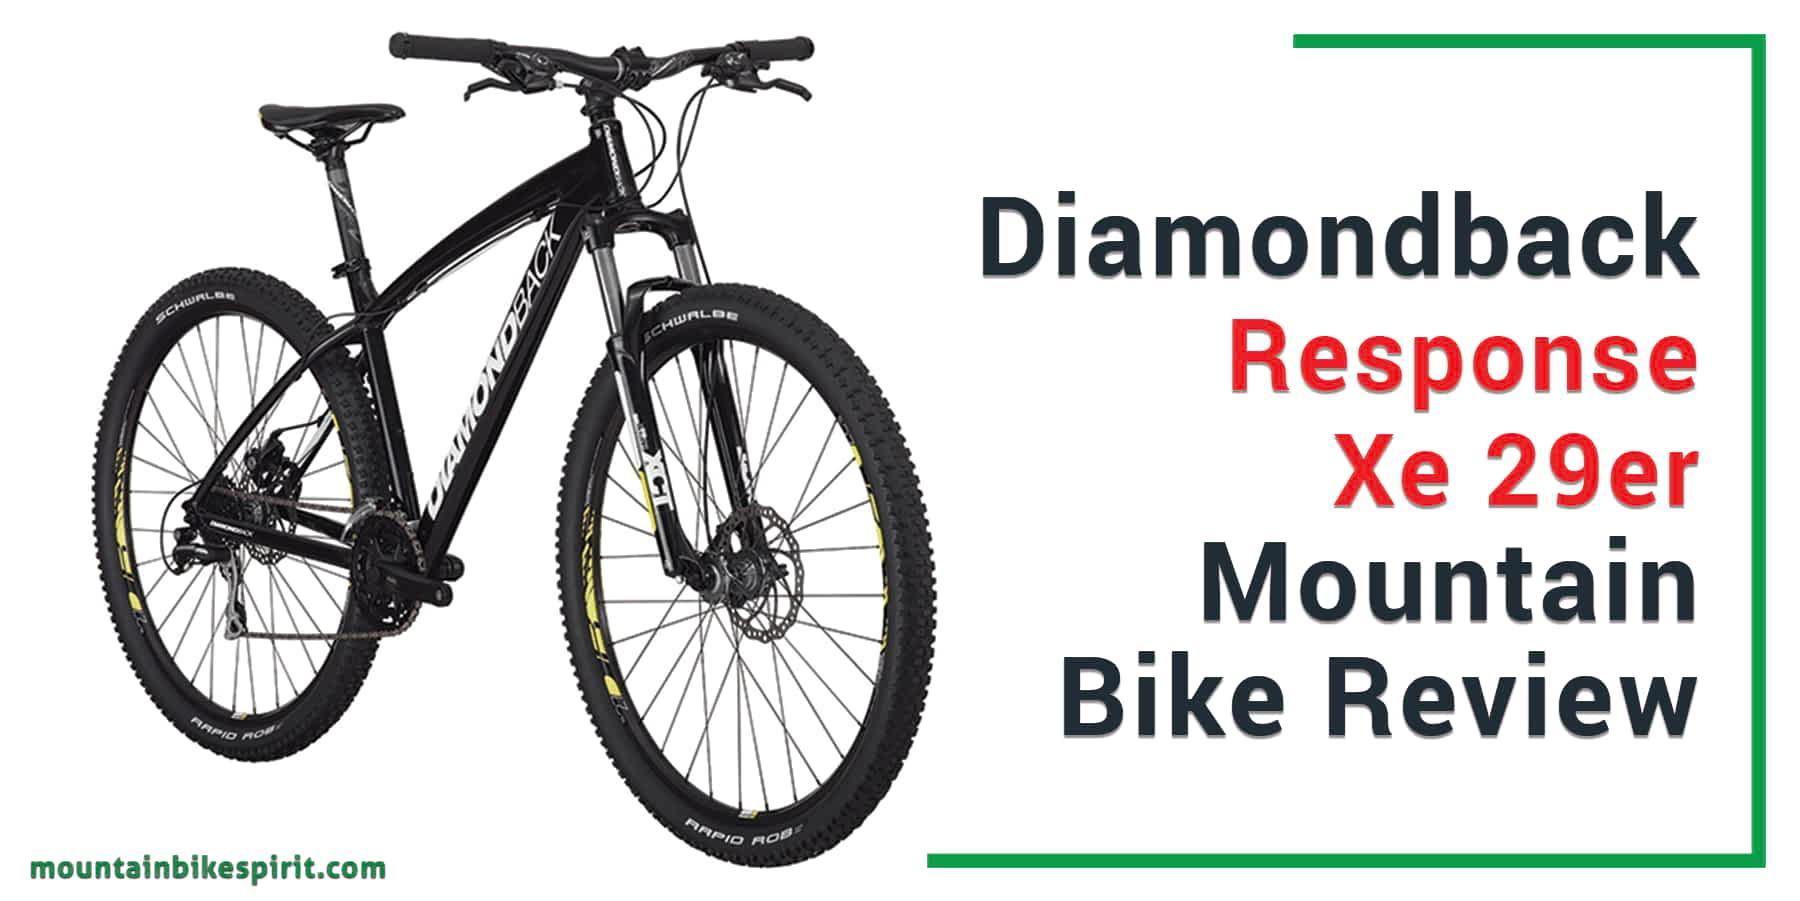 Diamondback Response Xe 29er Mountain Bike Review